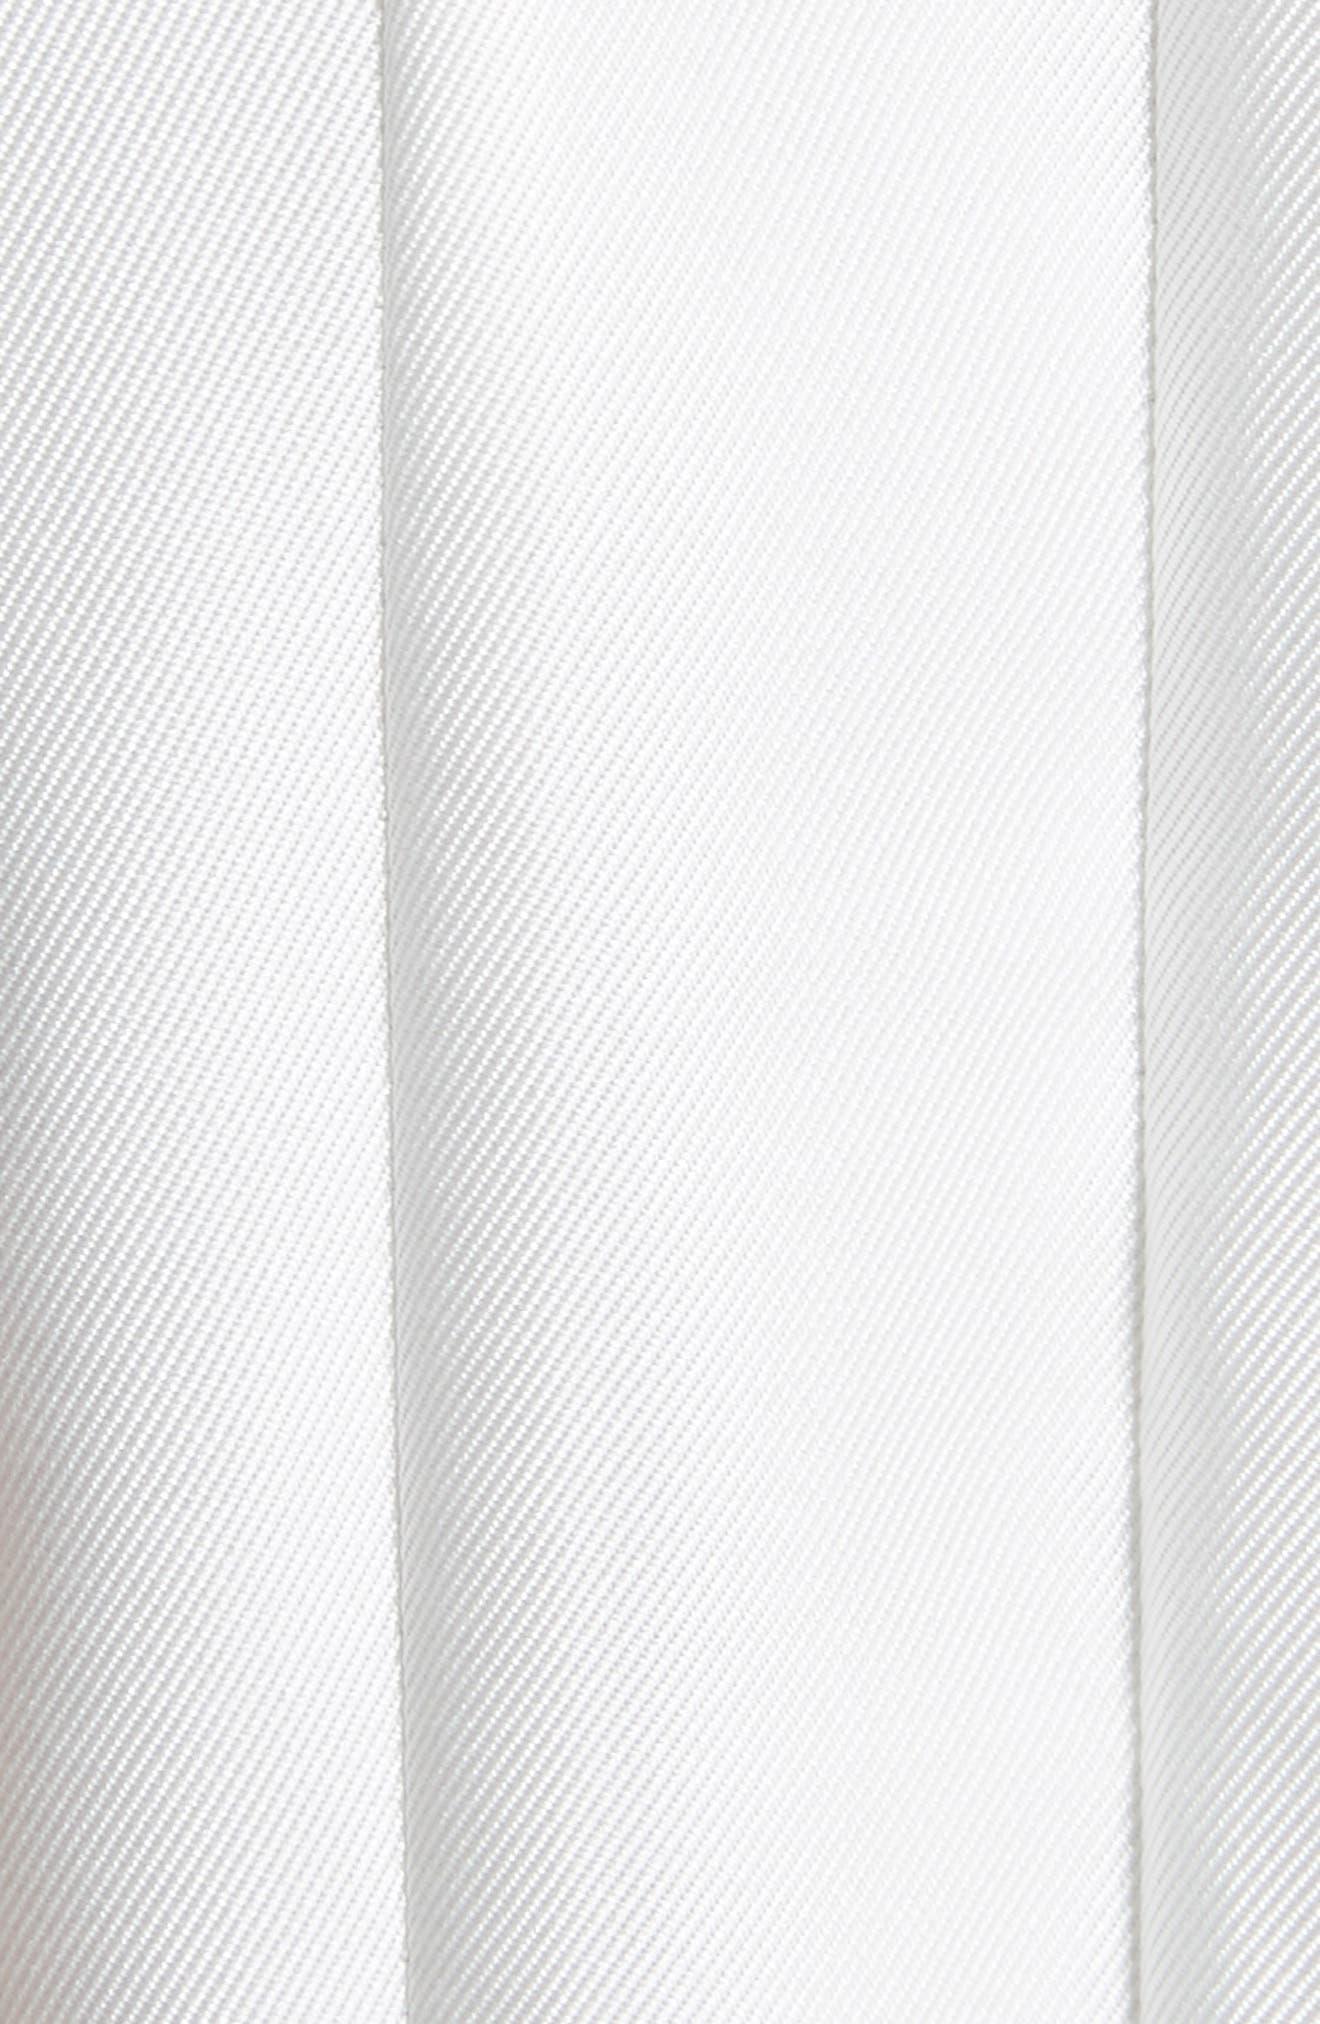 Bow Neck Skater Dress,                             Alternate thumbnail 10, color,